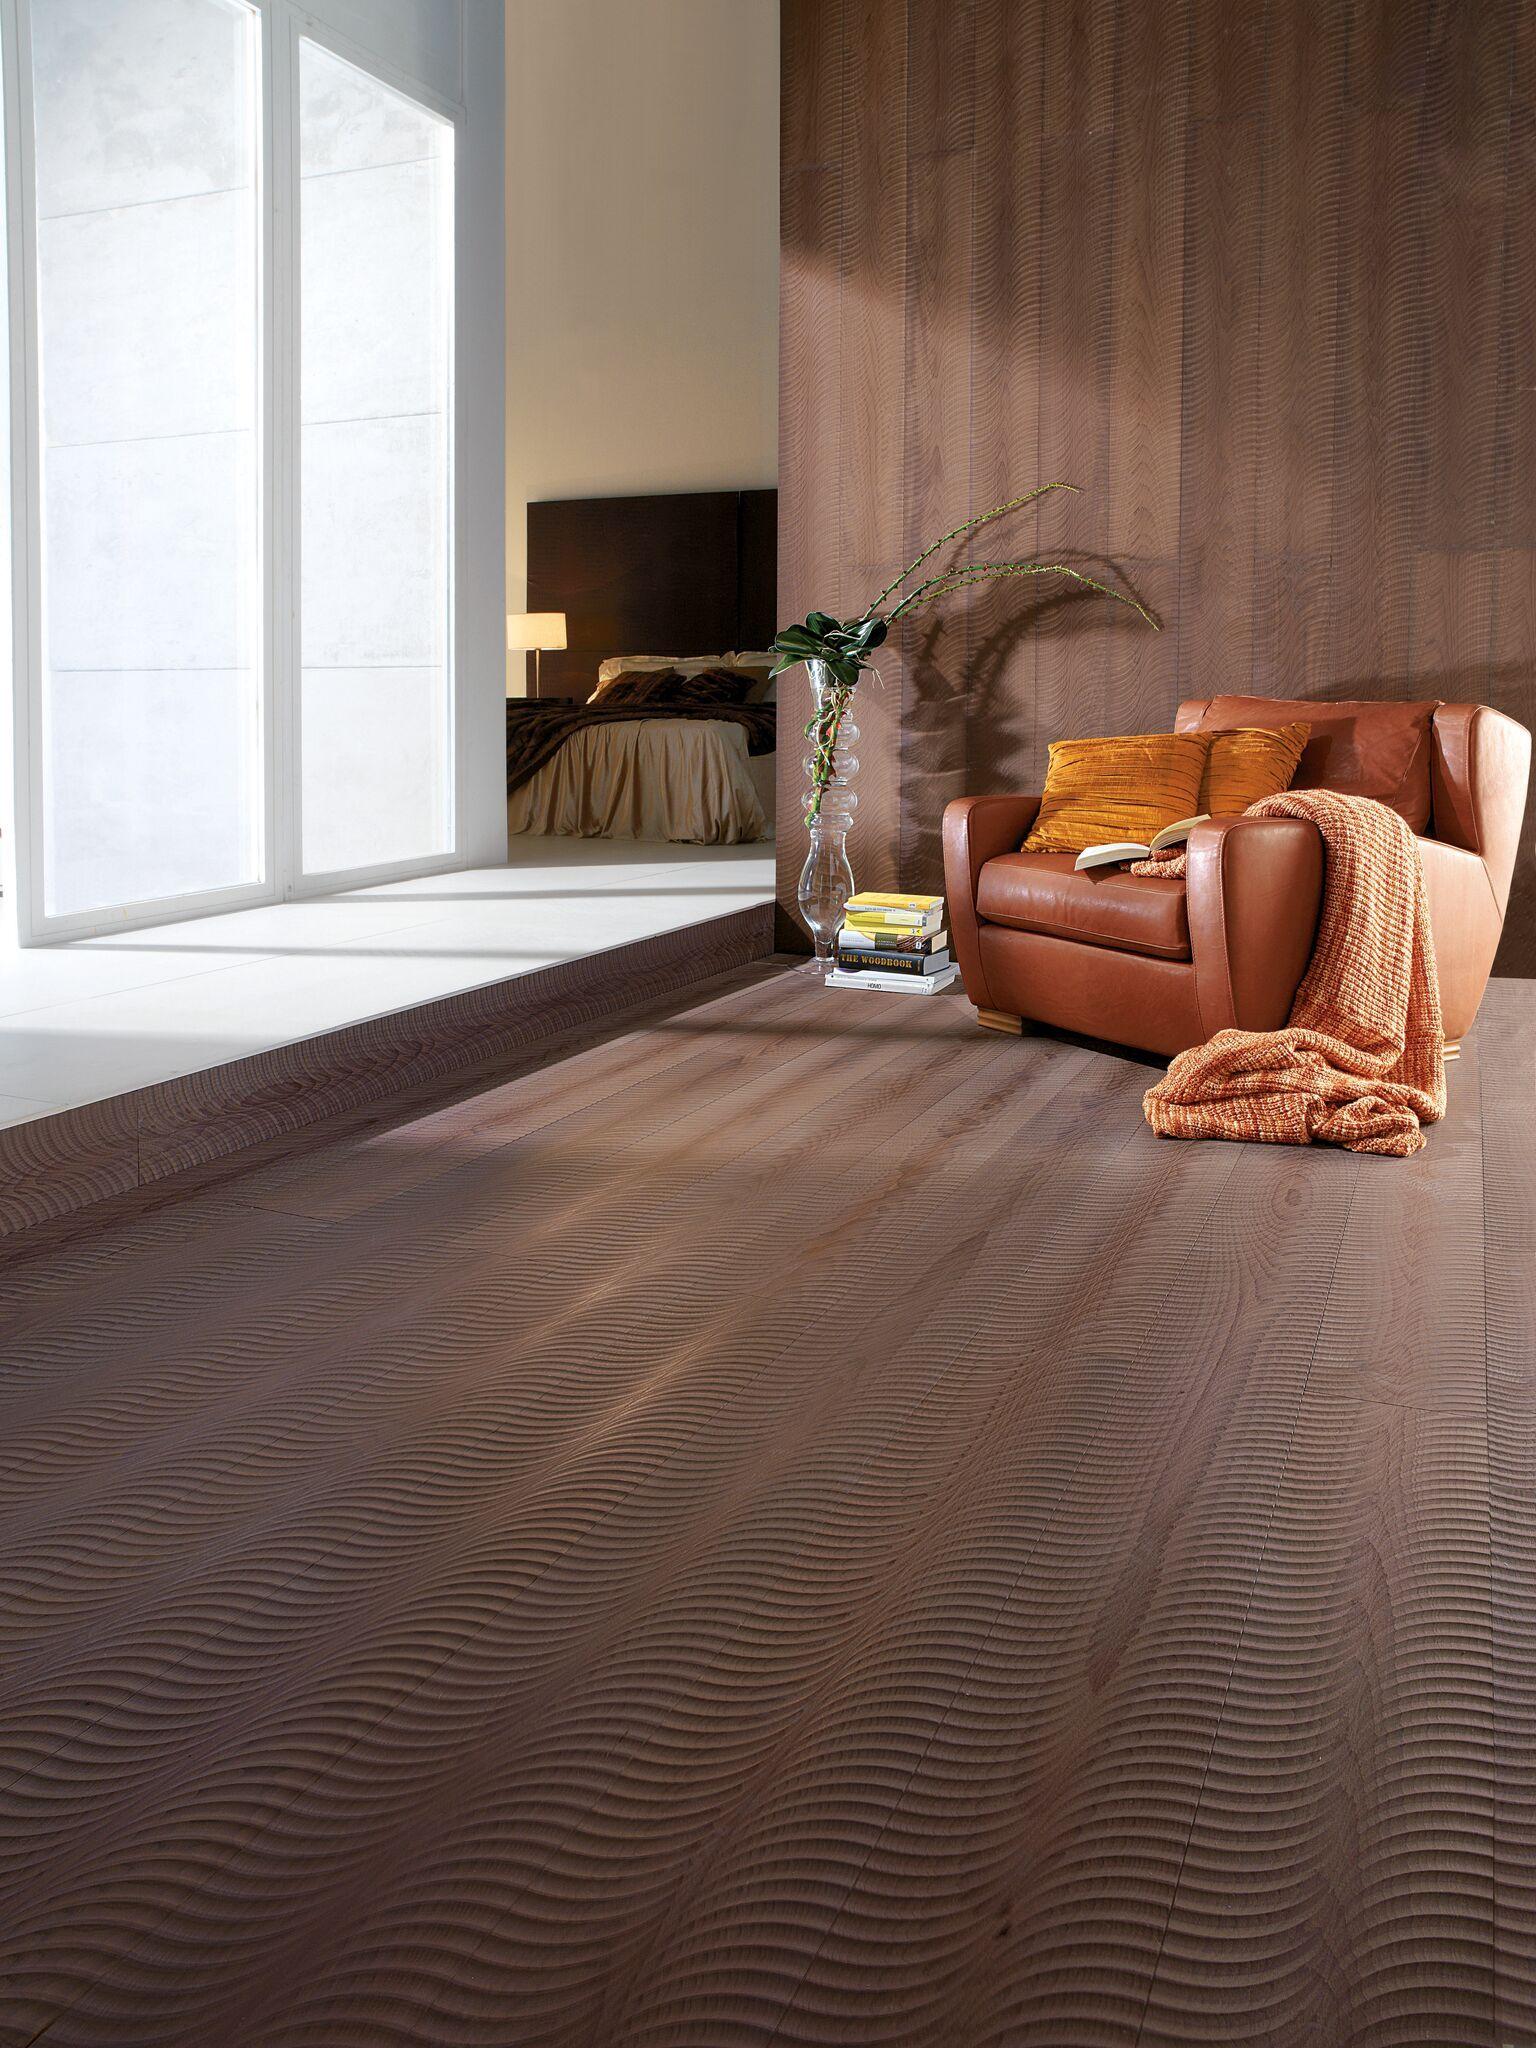 13+ Bedroom wooden floor jack cpns 2021